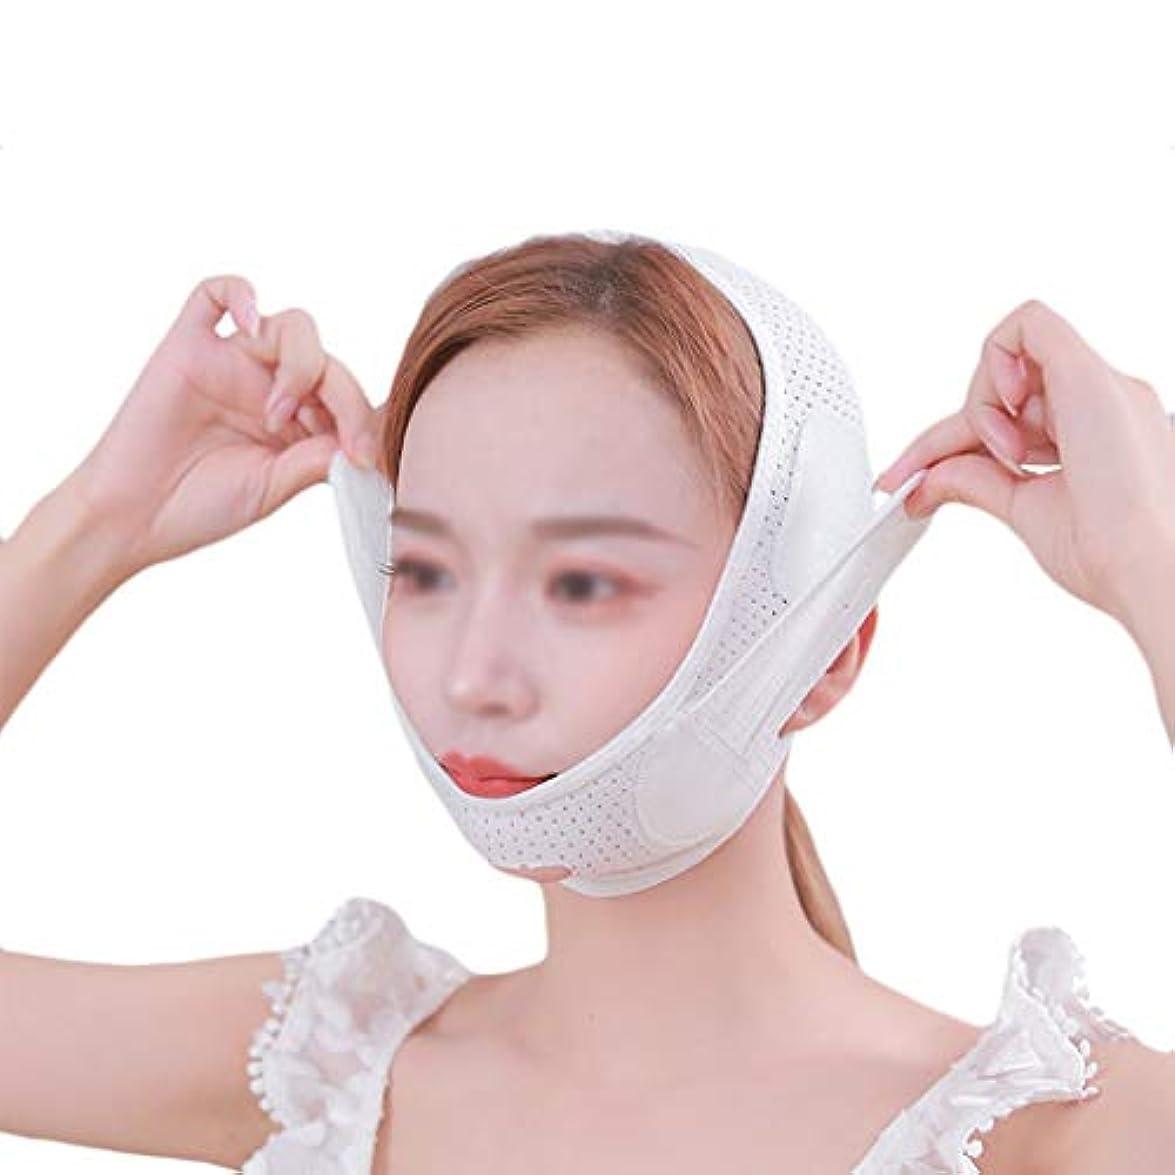 期待して論理的にイノセンスフェイシャルリフティング包帯、頬痩身マスク包帯、フェイスリフティングファーミングフェイスリフティング、リフティングダブルチンフェイシャルマスク(ホワイト、フリーサイズ)